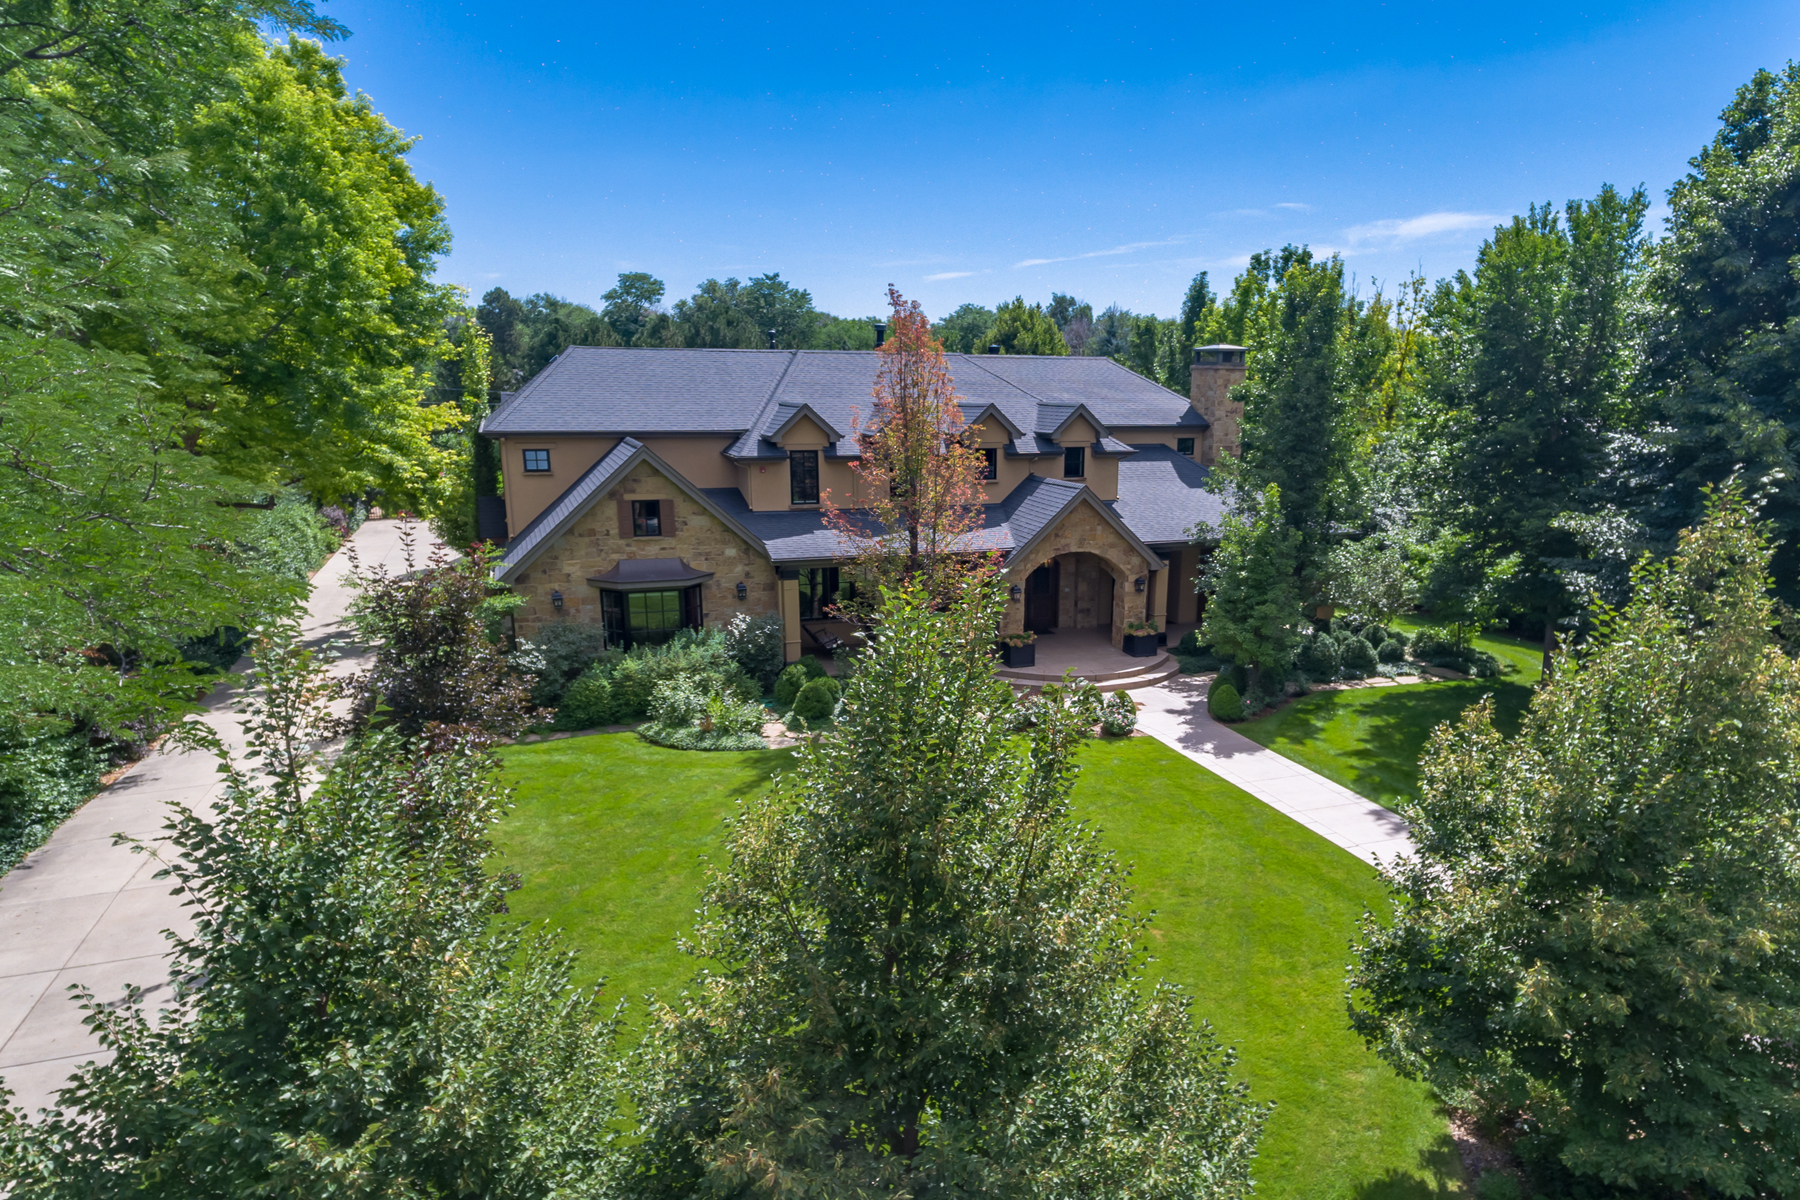 Maison unifamiliale pour l Vente à Impeccable Quality Awaits in Cherry Hills 4710 S Downing Street Cherry Hills Village, Colorado, 80113 États-Unis